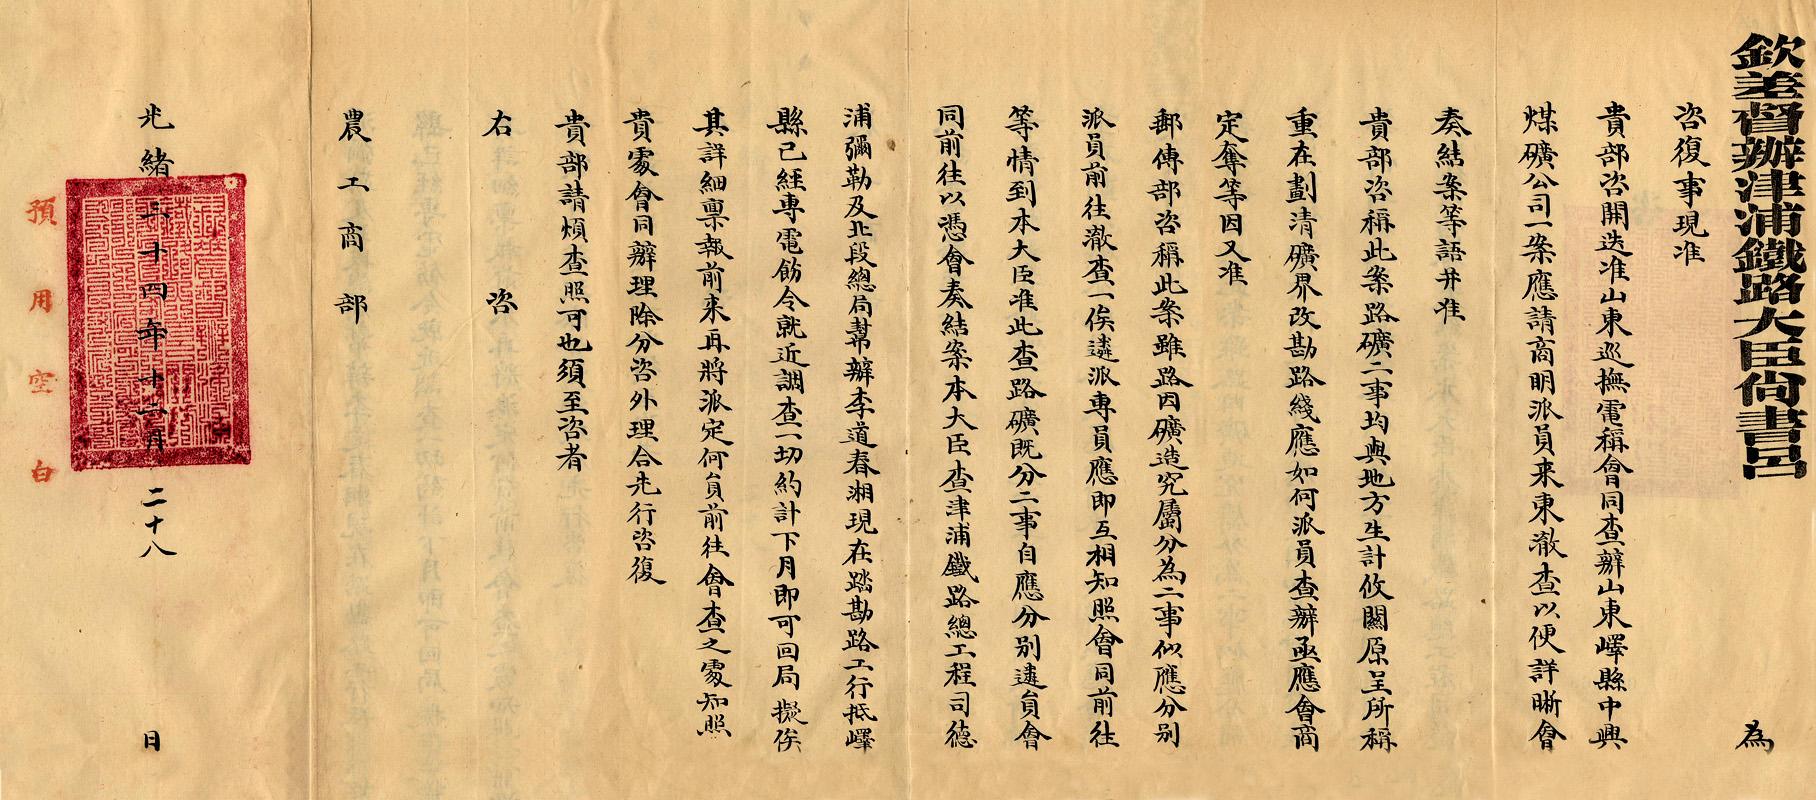 光緒34年12月,津浦鐵路大臣咨文